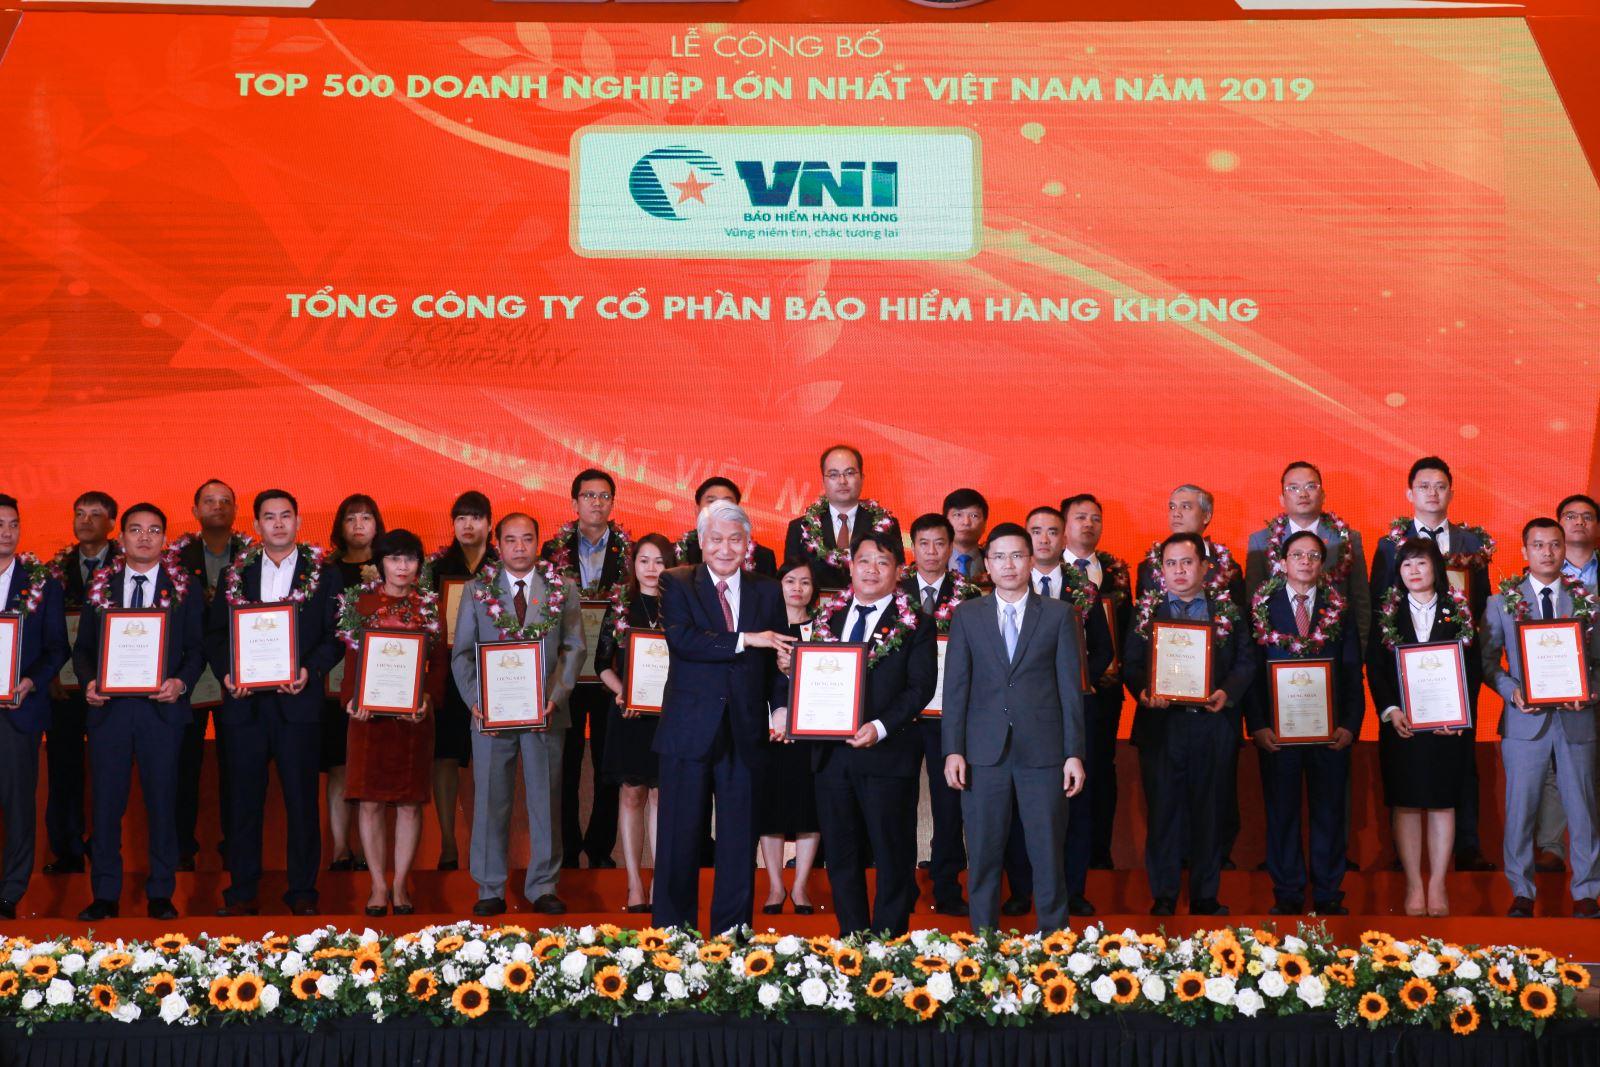 Bảo hiểm Hàng không (VNI) TOP 500 Doanh nghiệp tư nhân lớn nhất Việt Nam